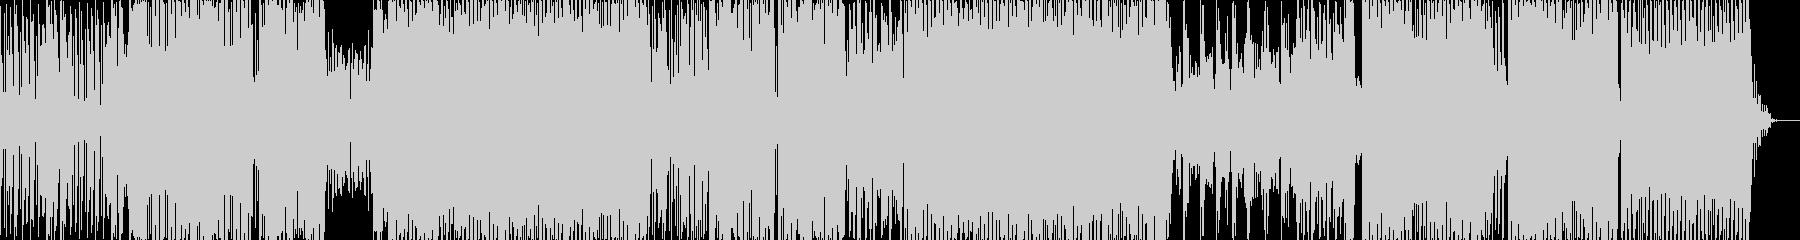 ロボット調の近代的なダンス楽曲/BGMの未再生の波形